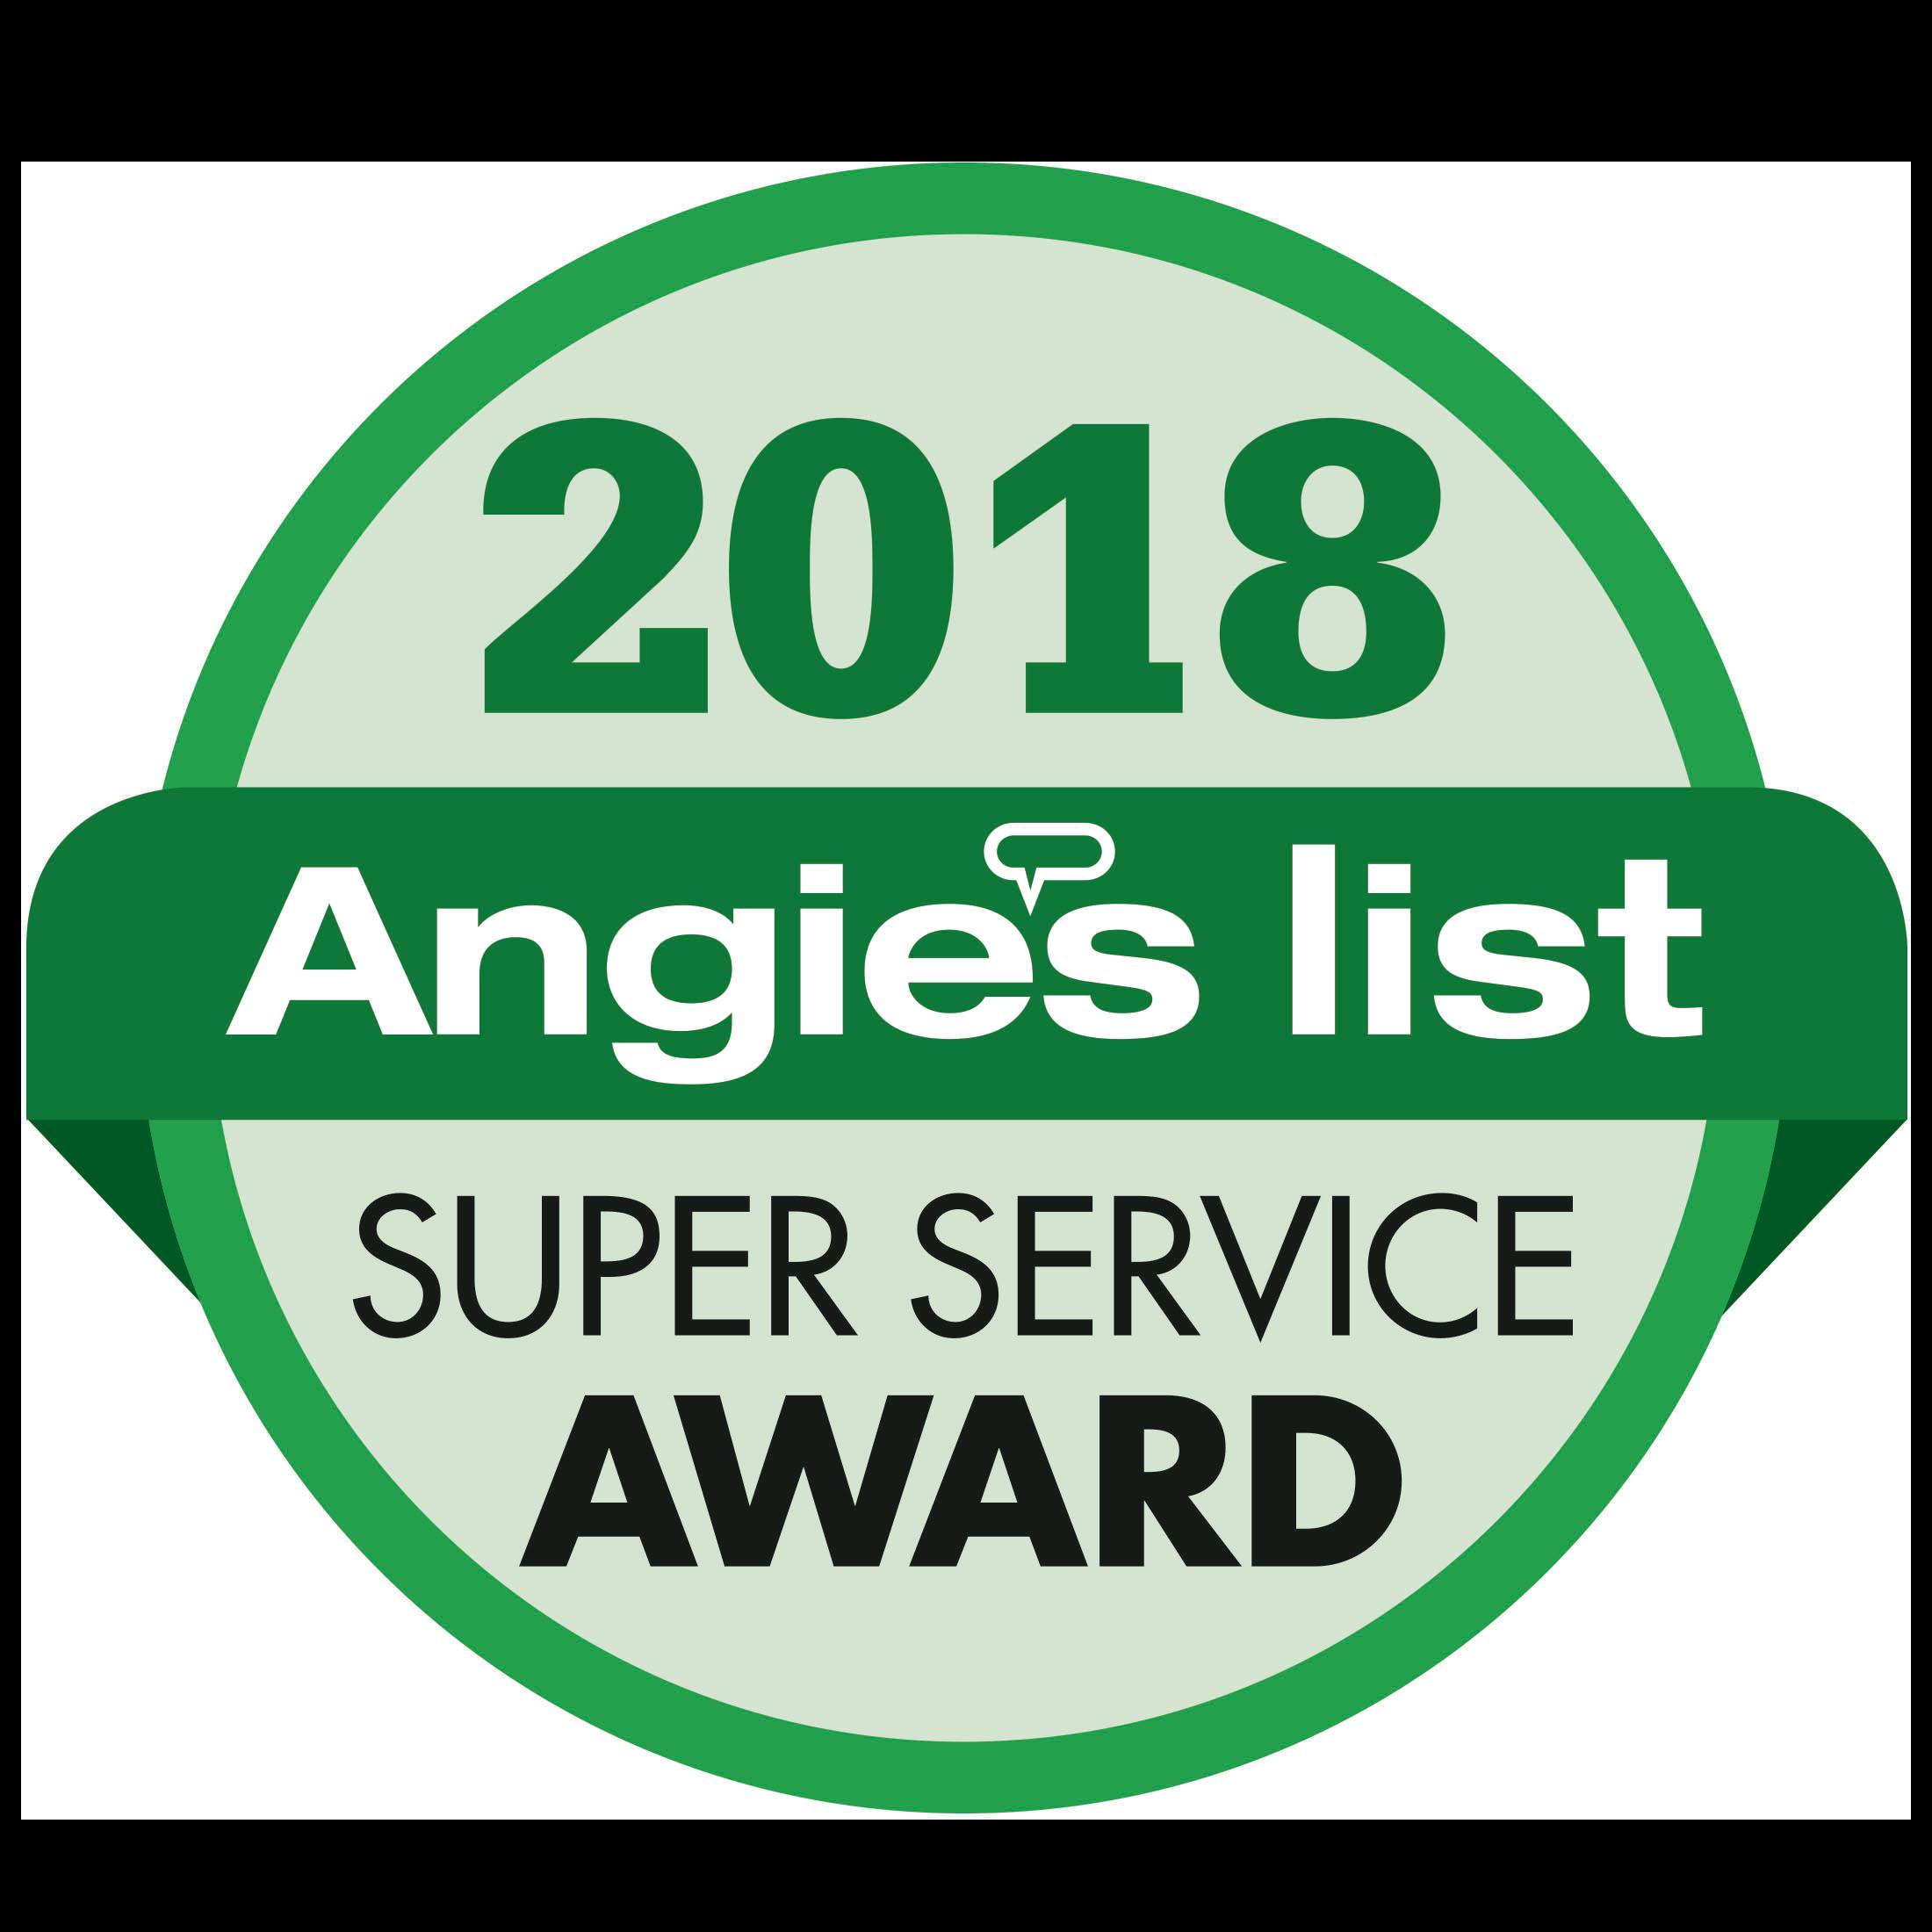 Angie's 2018